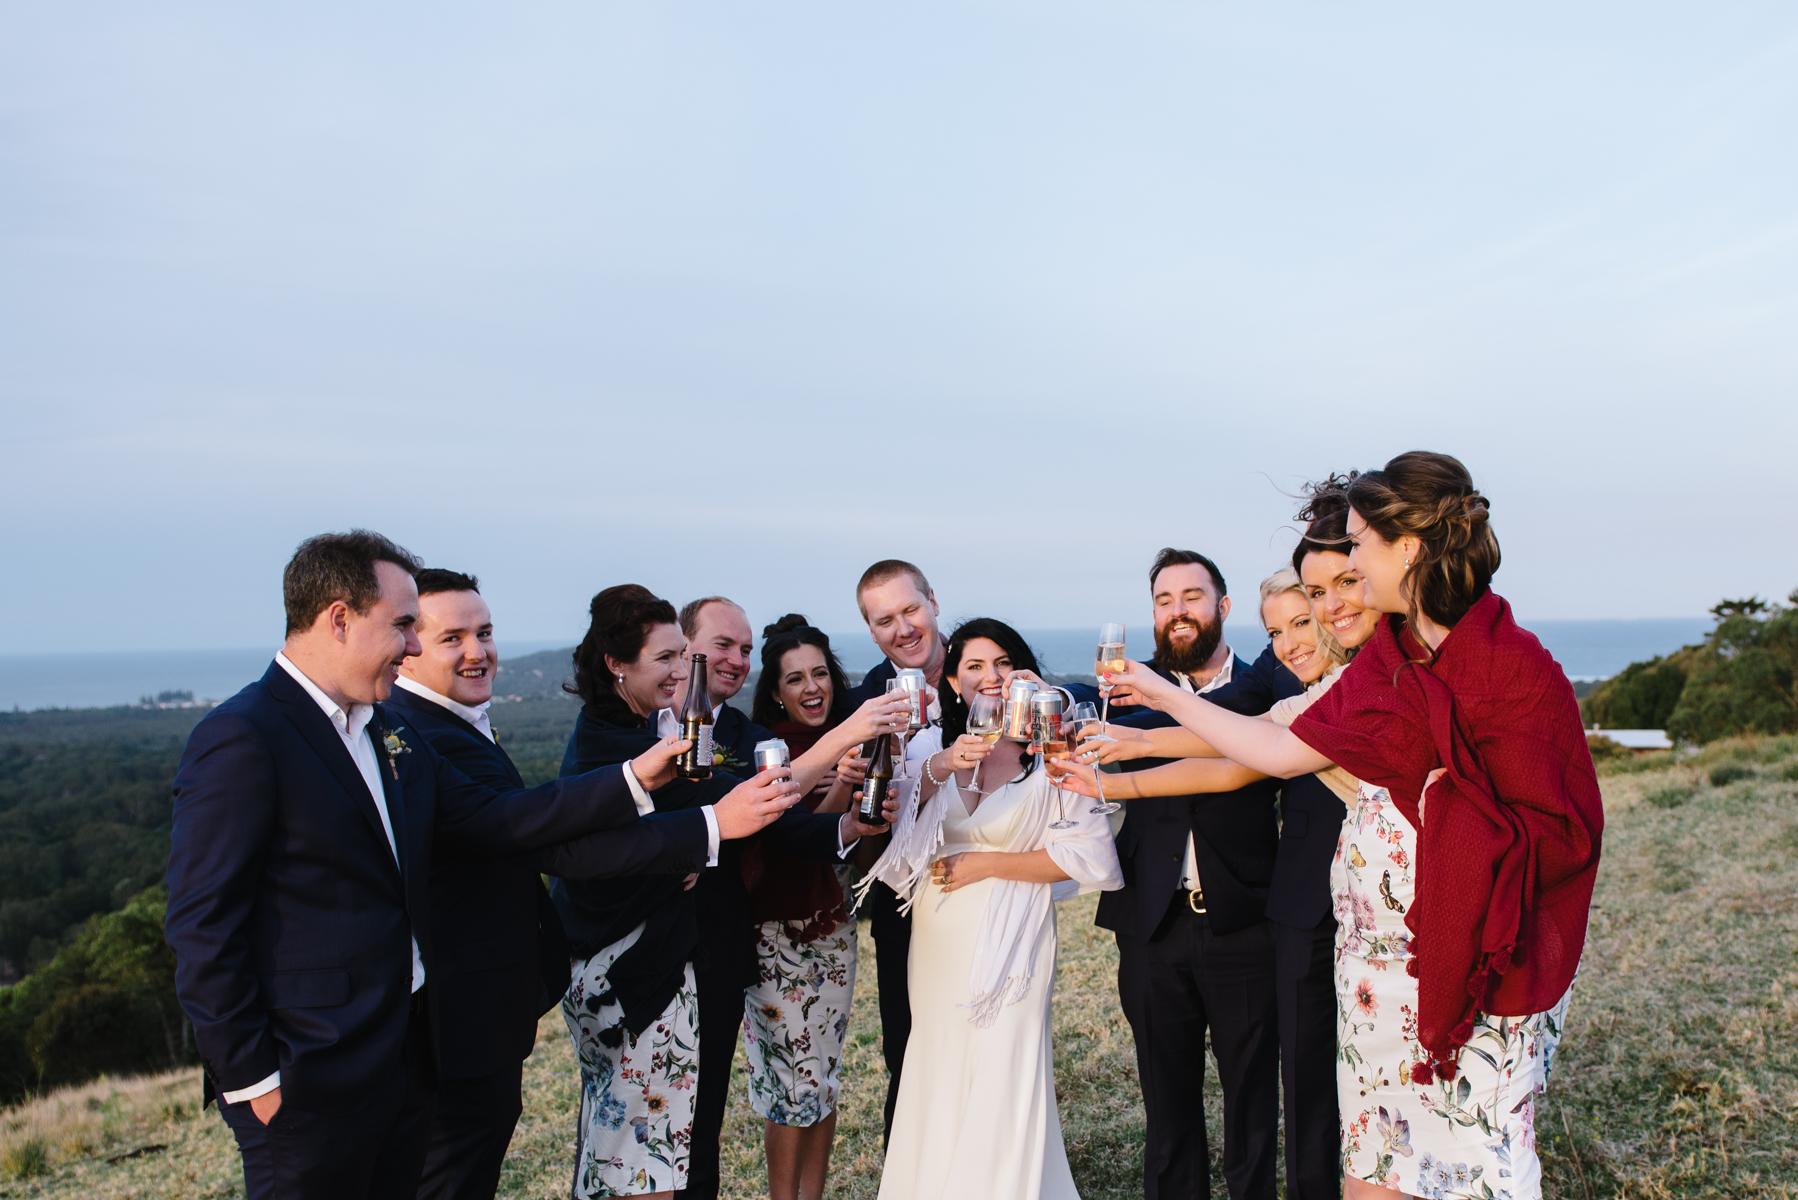 sarahandBenwedding- skyla sage photography weddings, families, byron bay,tweed coast,kingscliff,cabarita,gold coast-851.jpg